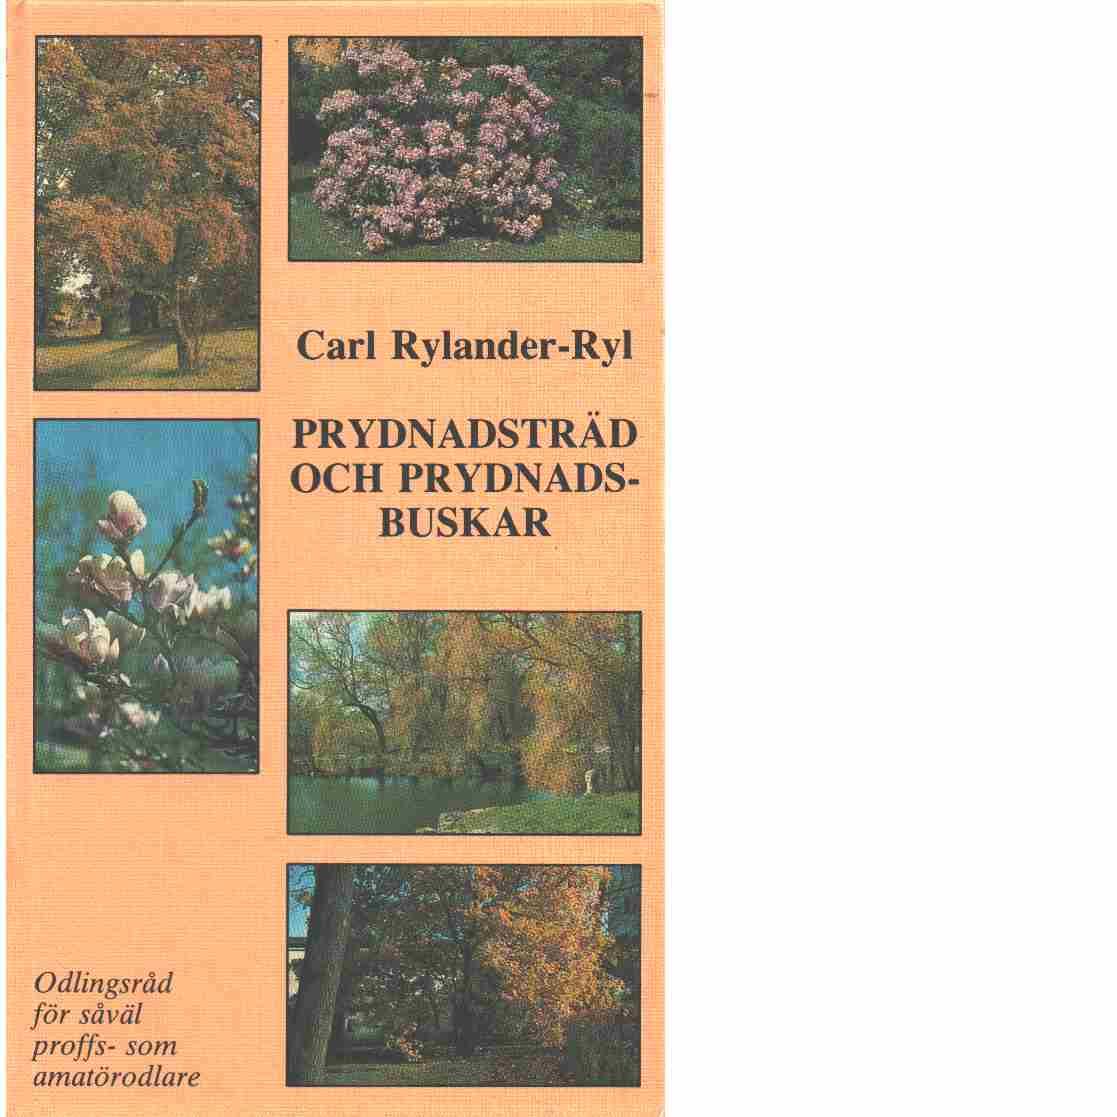 Prydnadsträd och prydnadsbuskar : levande trädgård - Rylander-Ryl, Carl